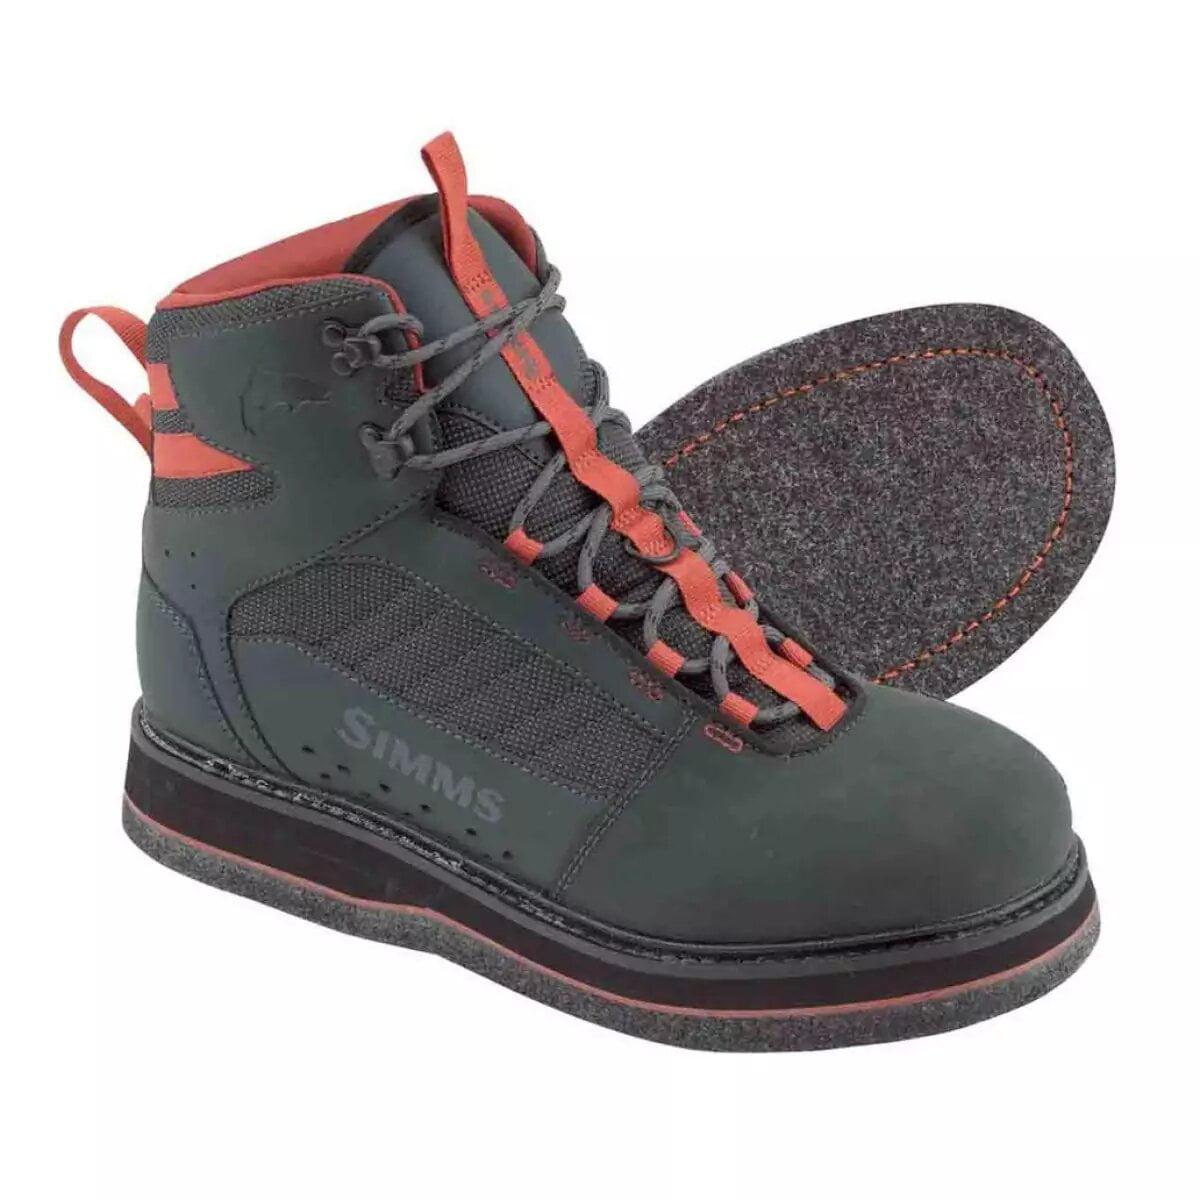 Забродные ботинки Simms Tributary Boot – Felt Carbon